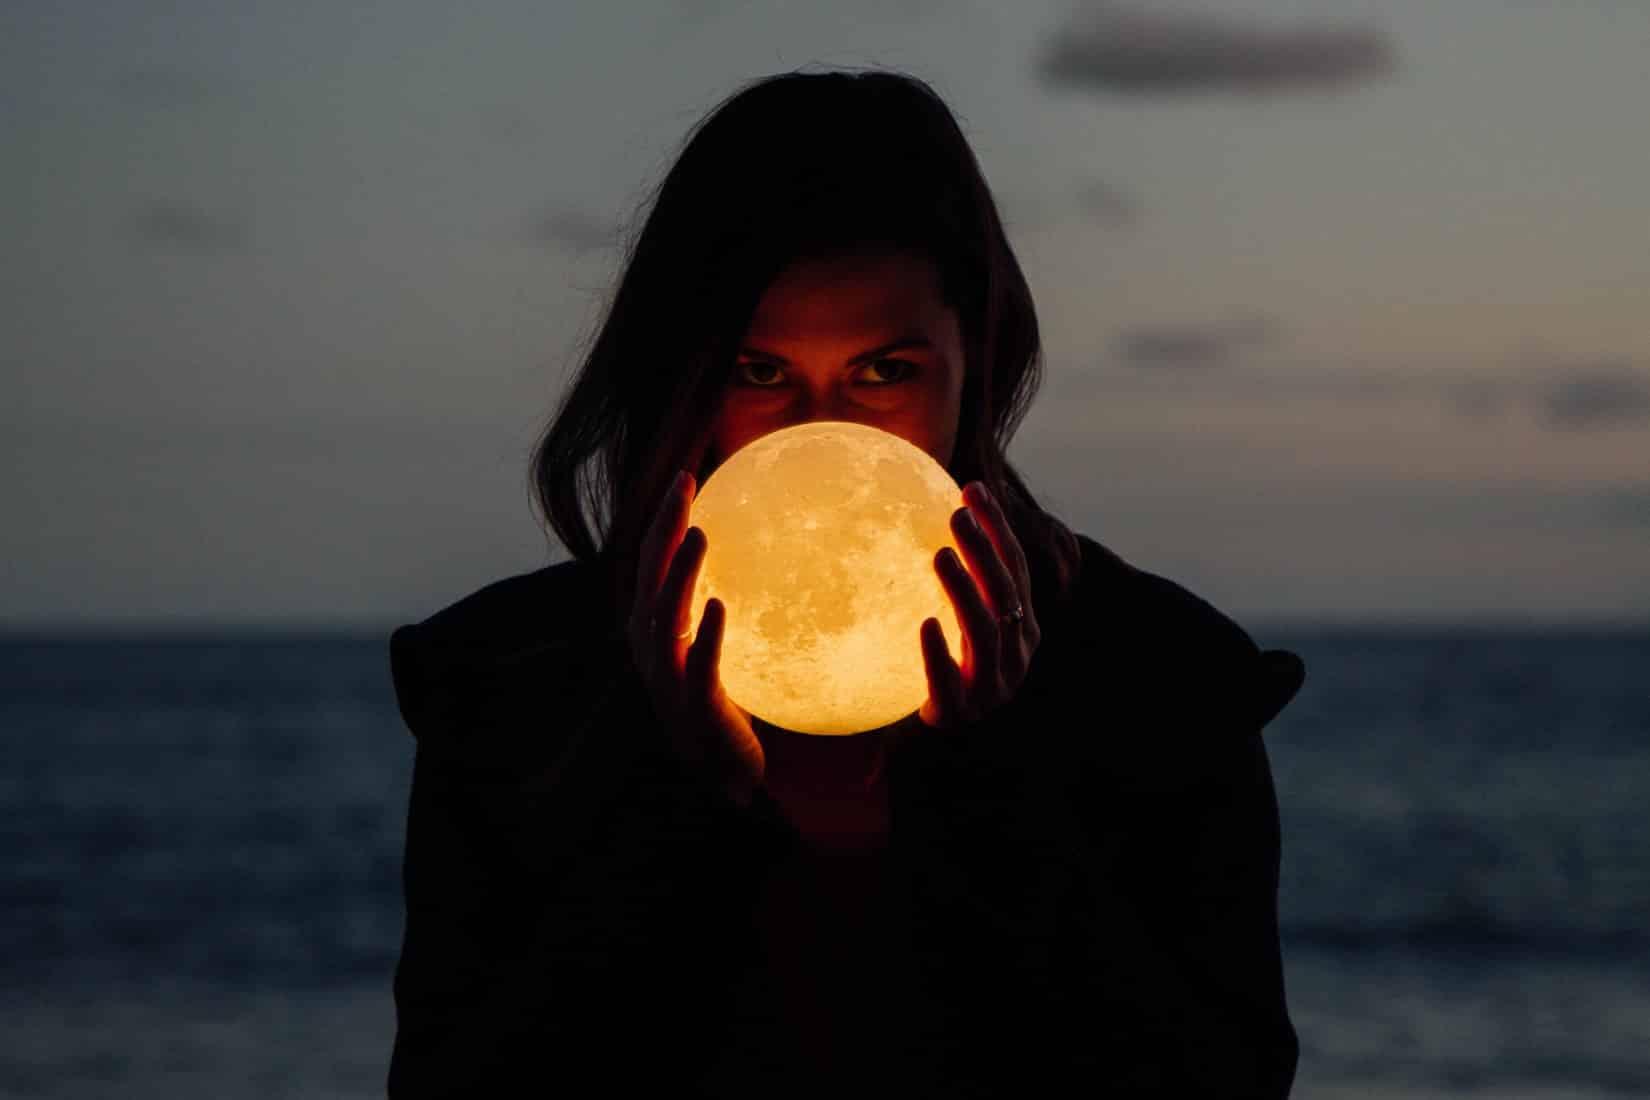 Citation Le pouvoir mystérieux de la lune et de son influence sur l'humain